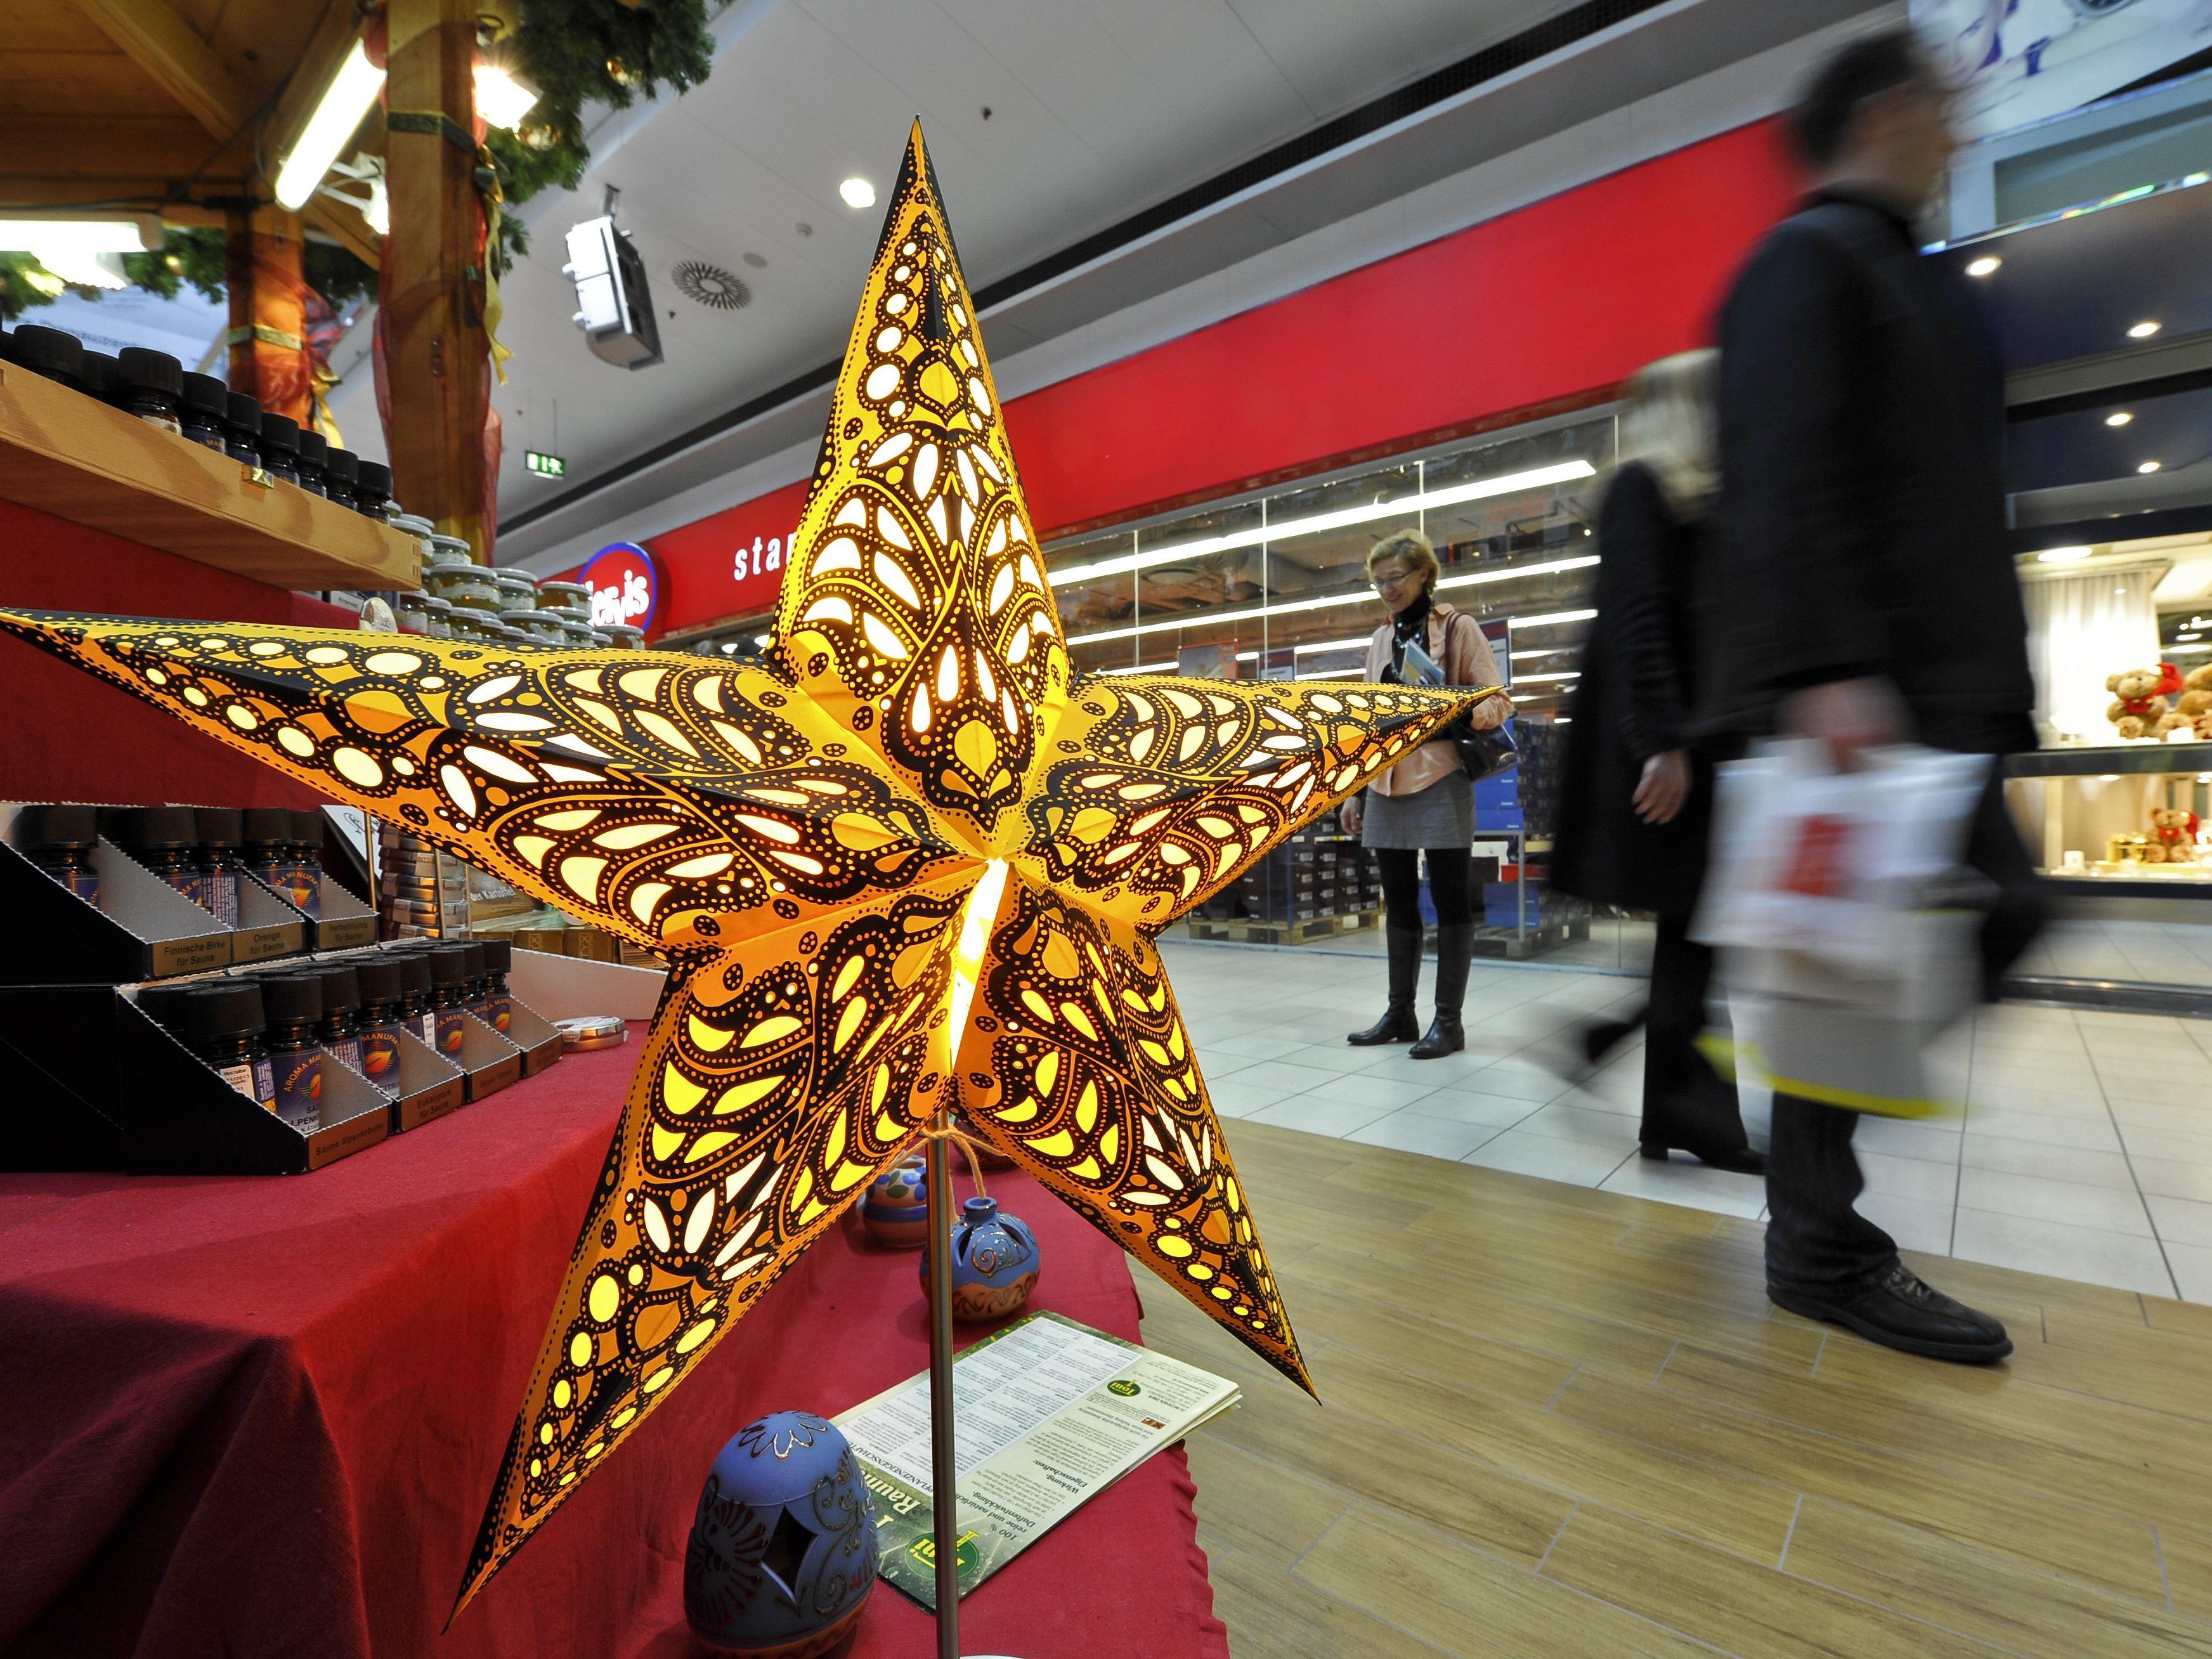 Die Umsätze im Wiener Weihnachtsgeschäft bewegen sich derzeit auf dem Niveau des Vorjahres